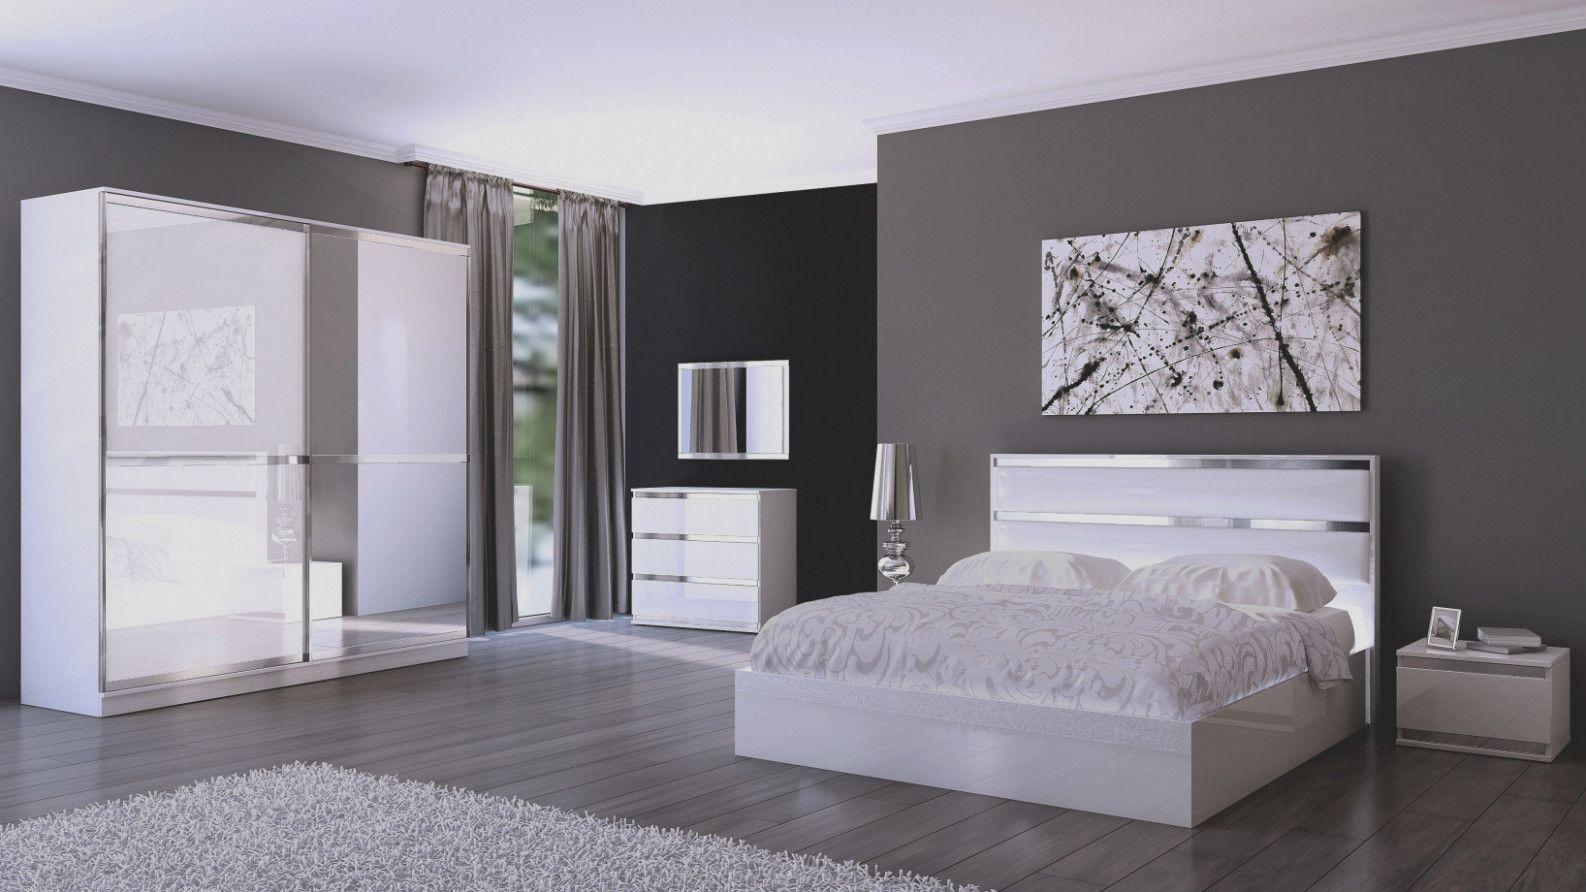 Chambre A Coucher Idee   Decor, Beautiful bedroom designs, Home decor